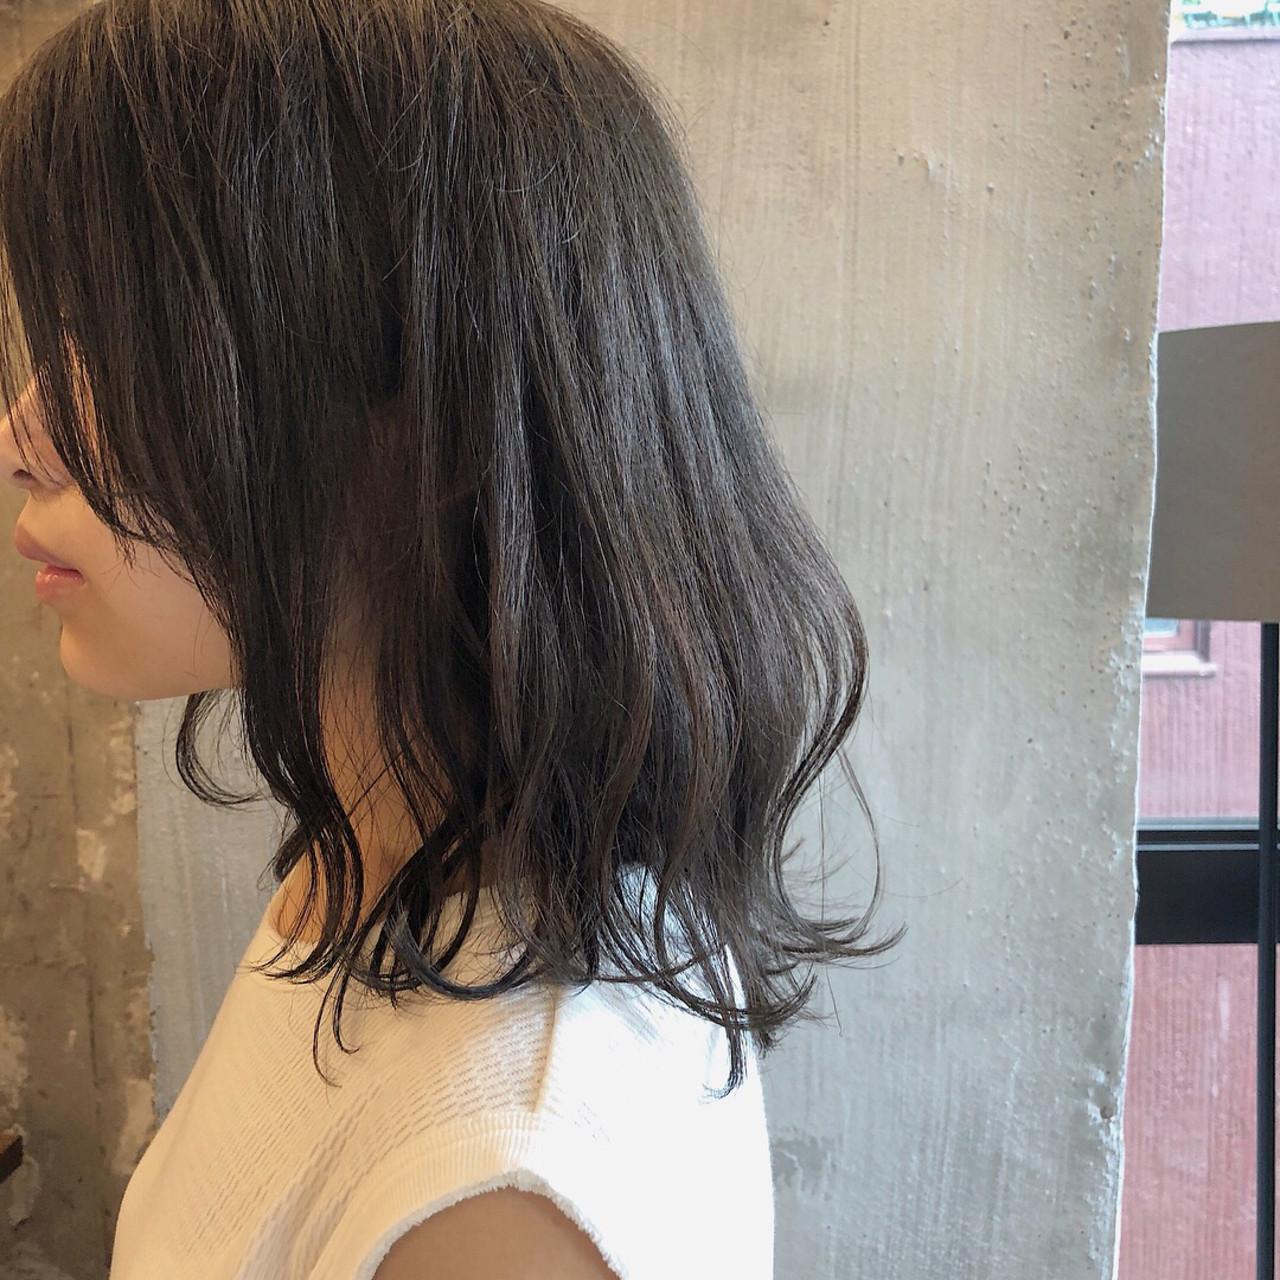 グレージュ ミディアム 暗髪 外国人風カラー ヘアスタイルや髪型の写真・画像